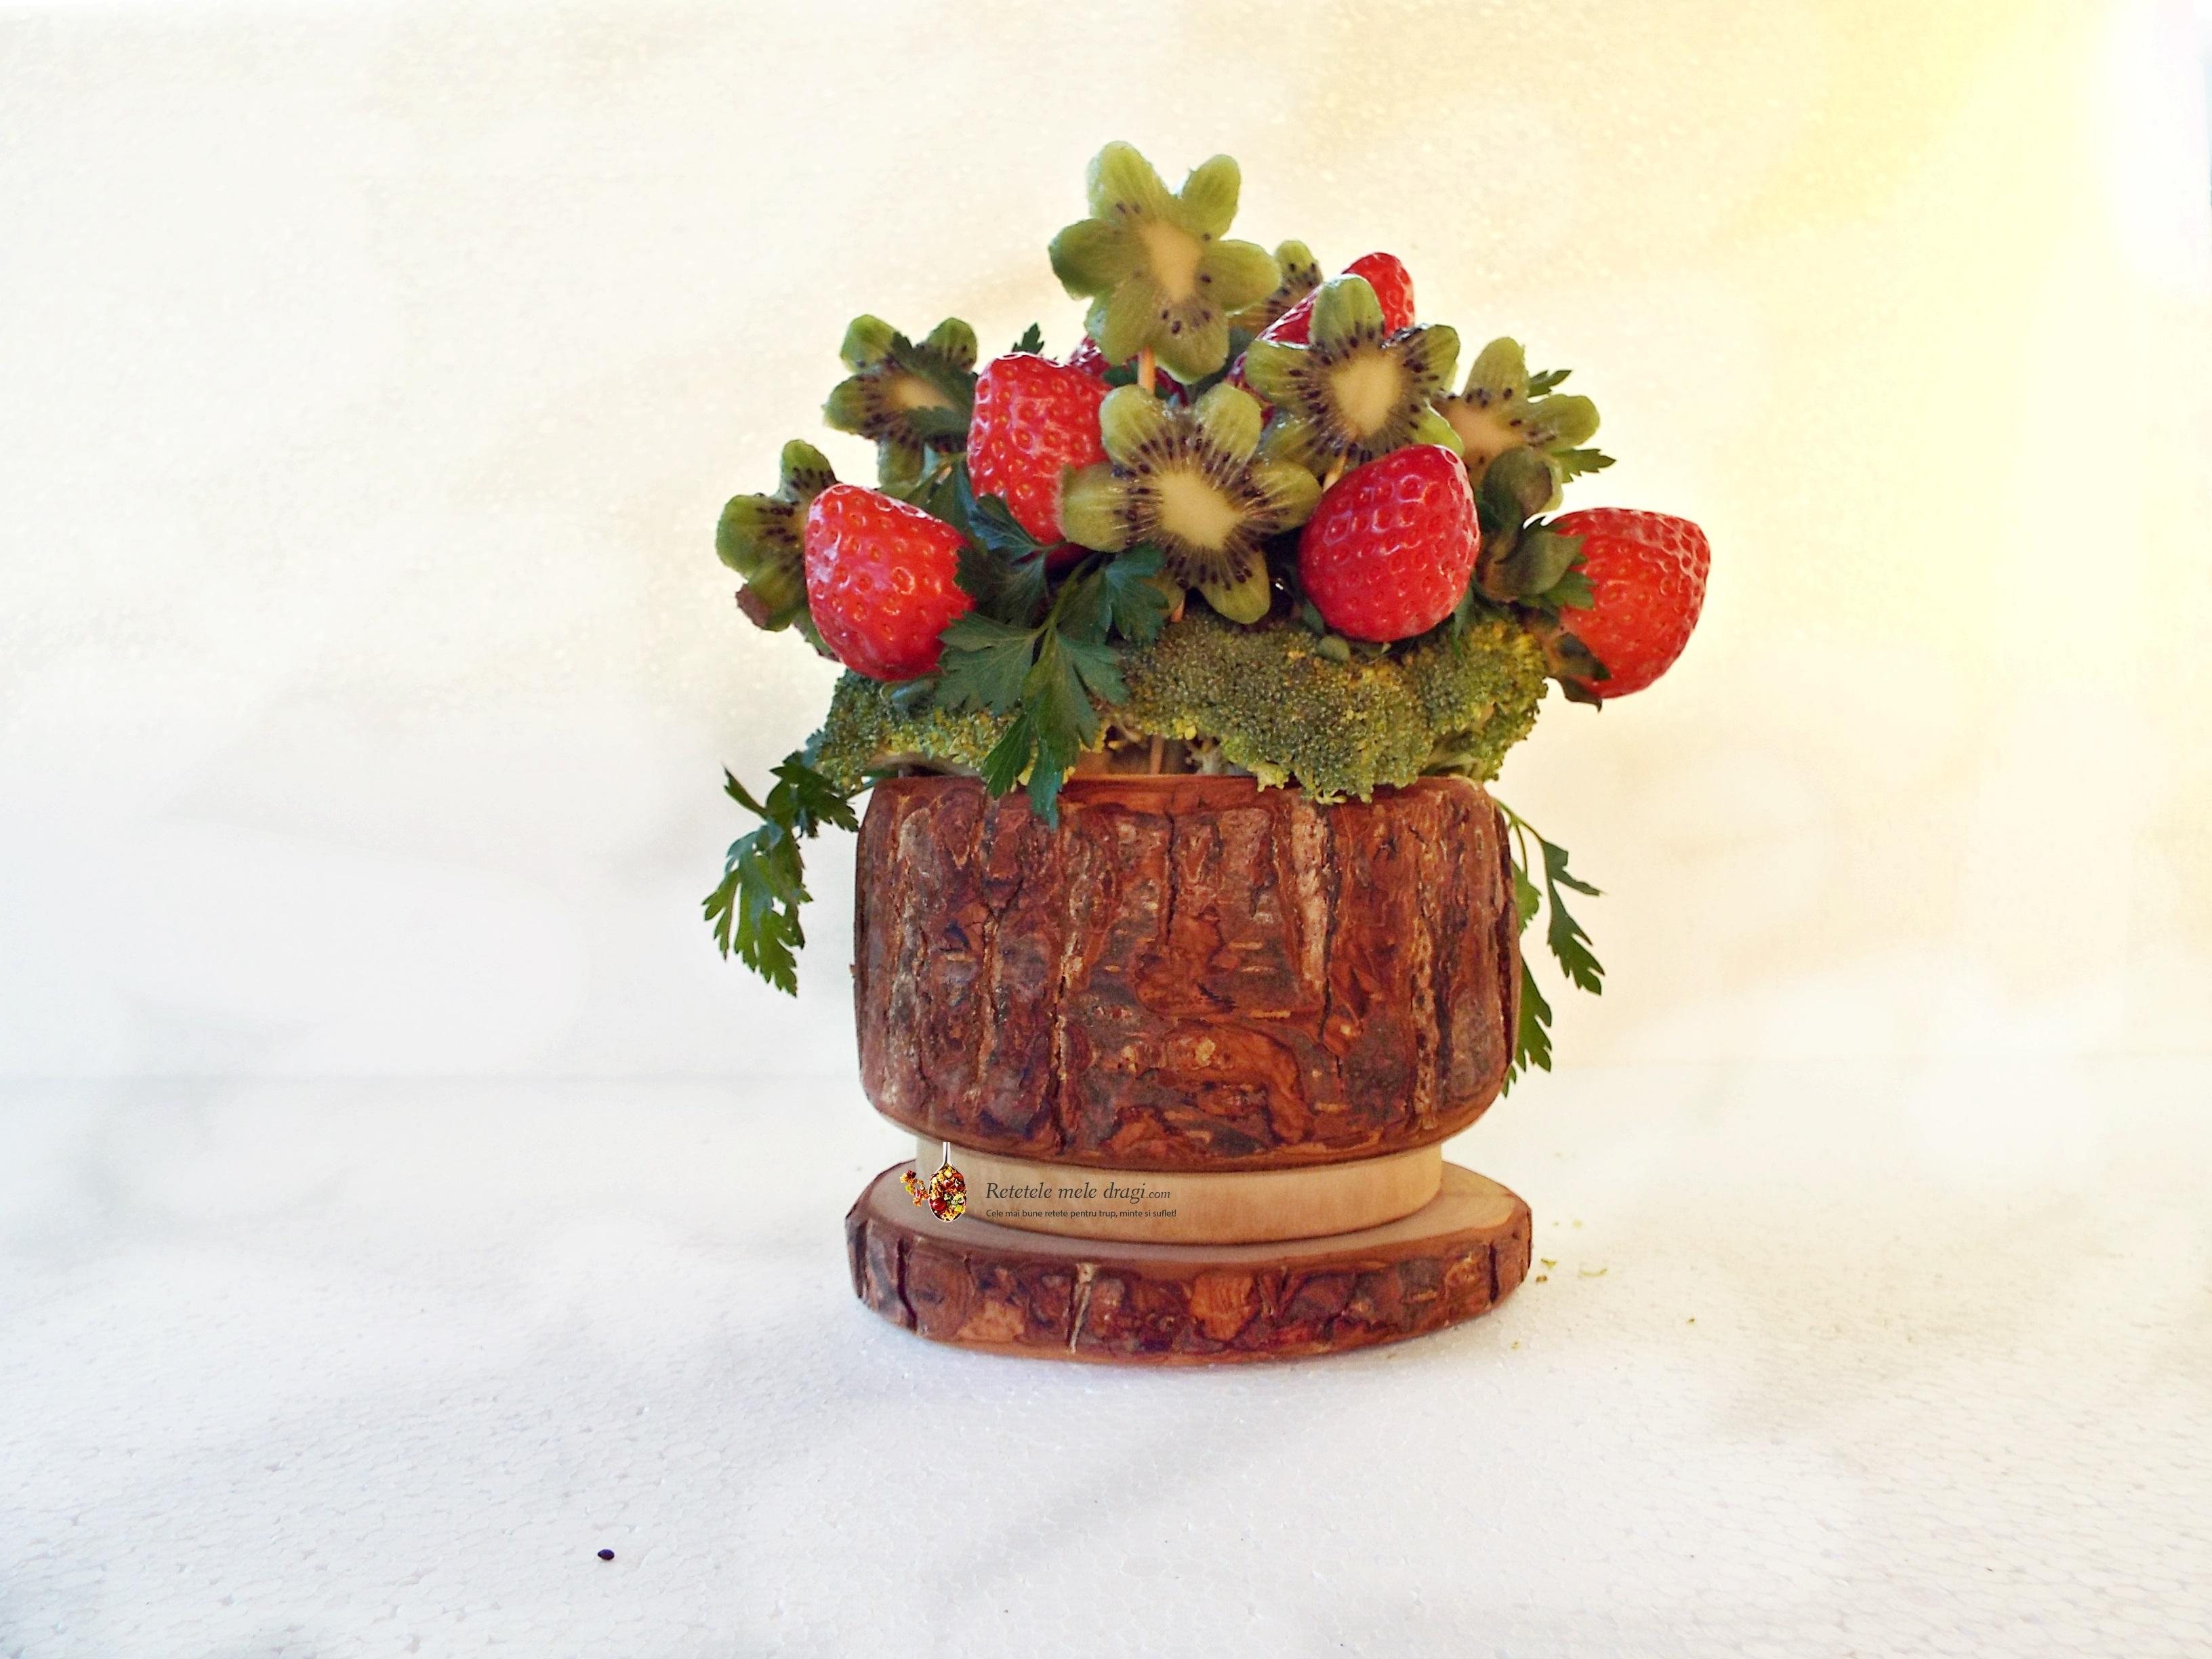 buchet de capsuni si kiwi1